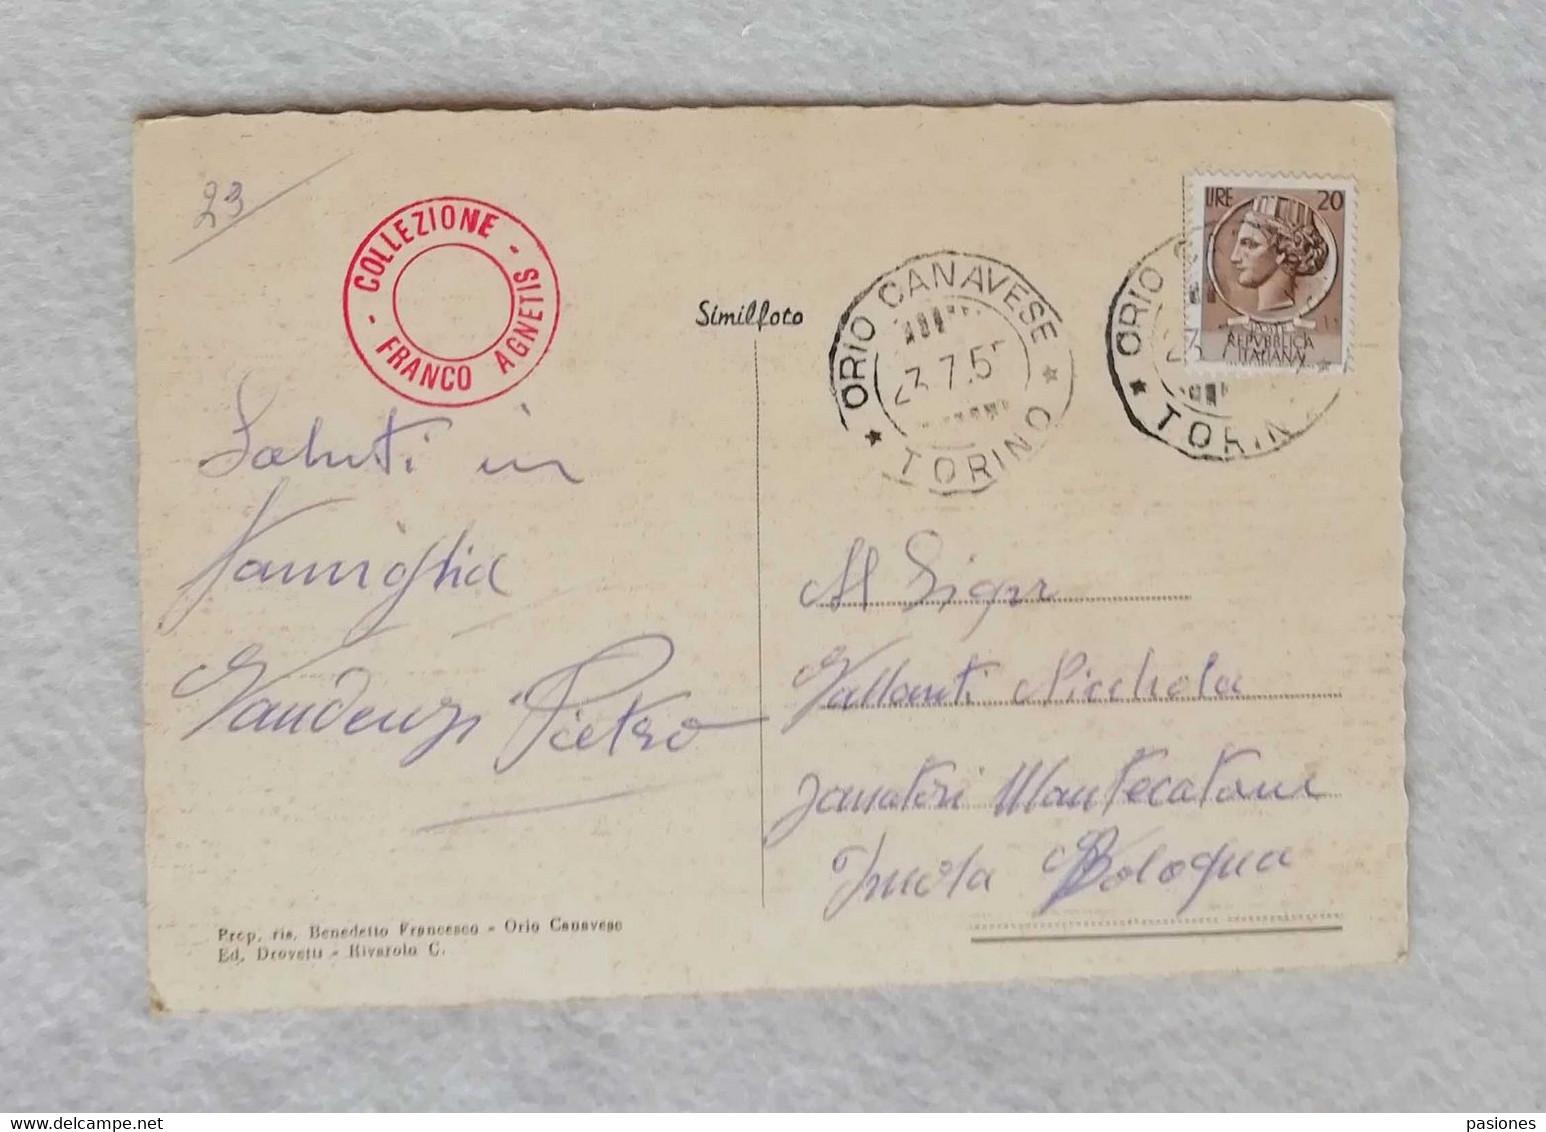 Cartolina Illustrata Orio Canavese - Preventorio Infantile, Viaggiata Per Montecatone Imola 1955 - Otras Ciudades